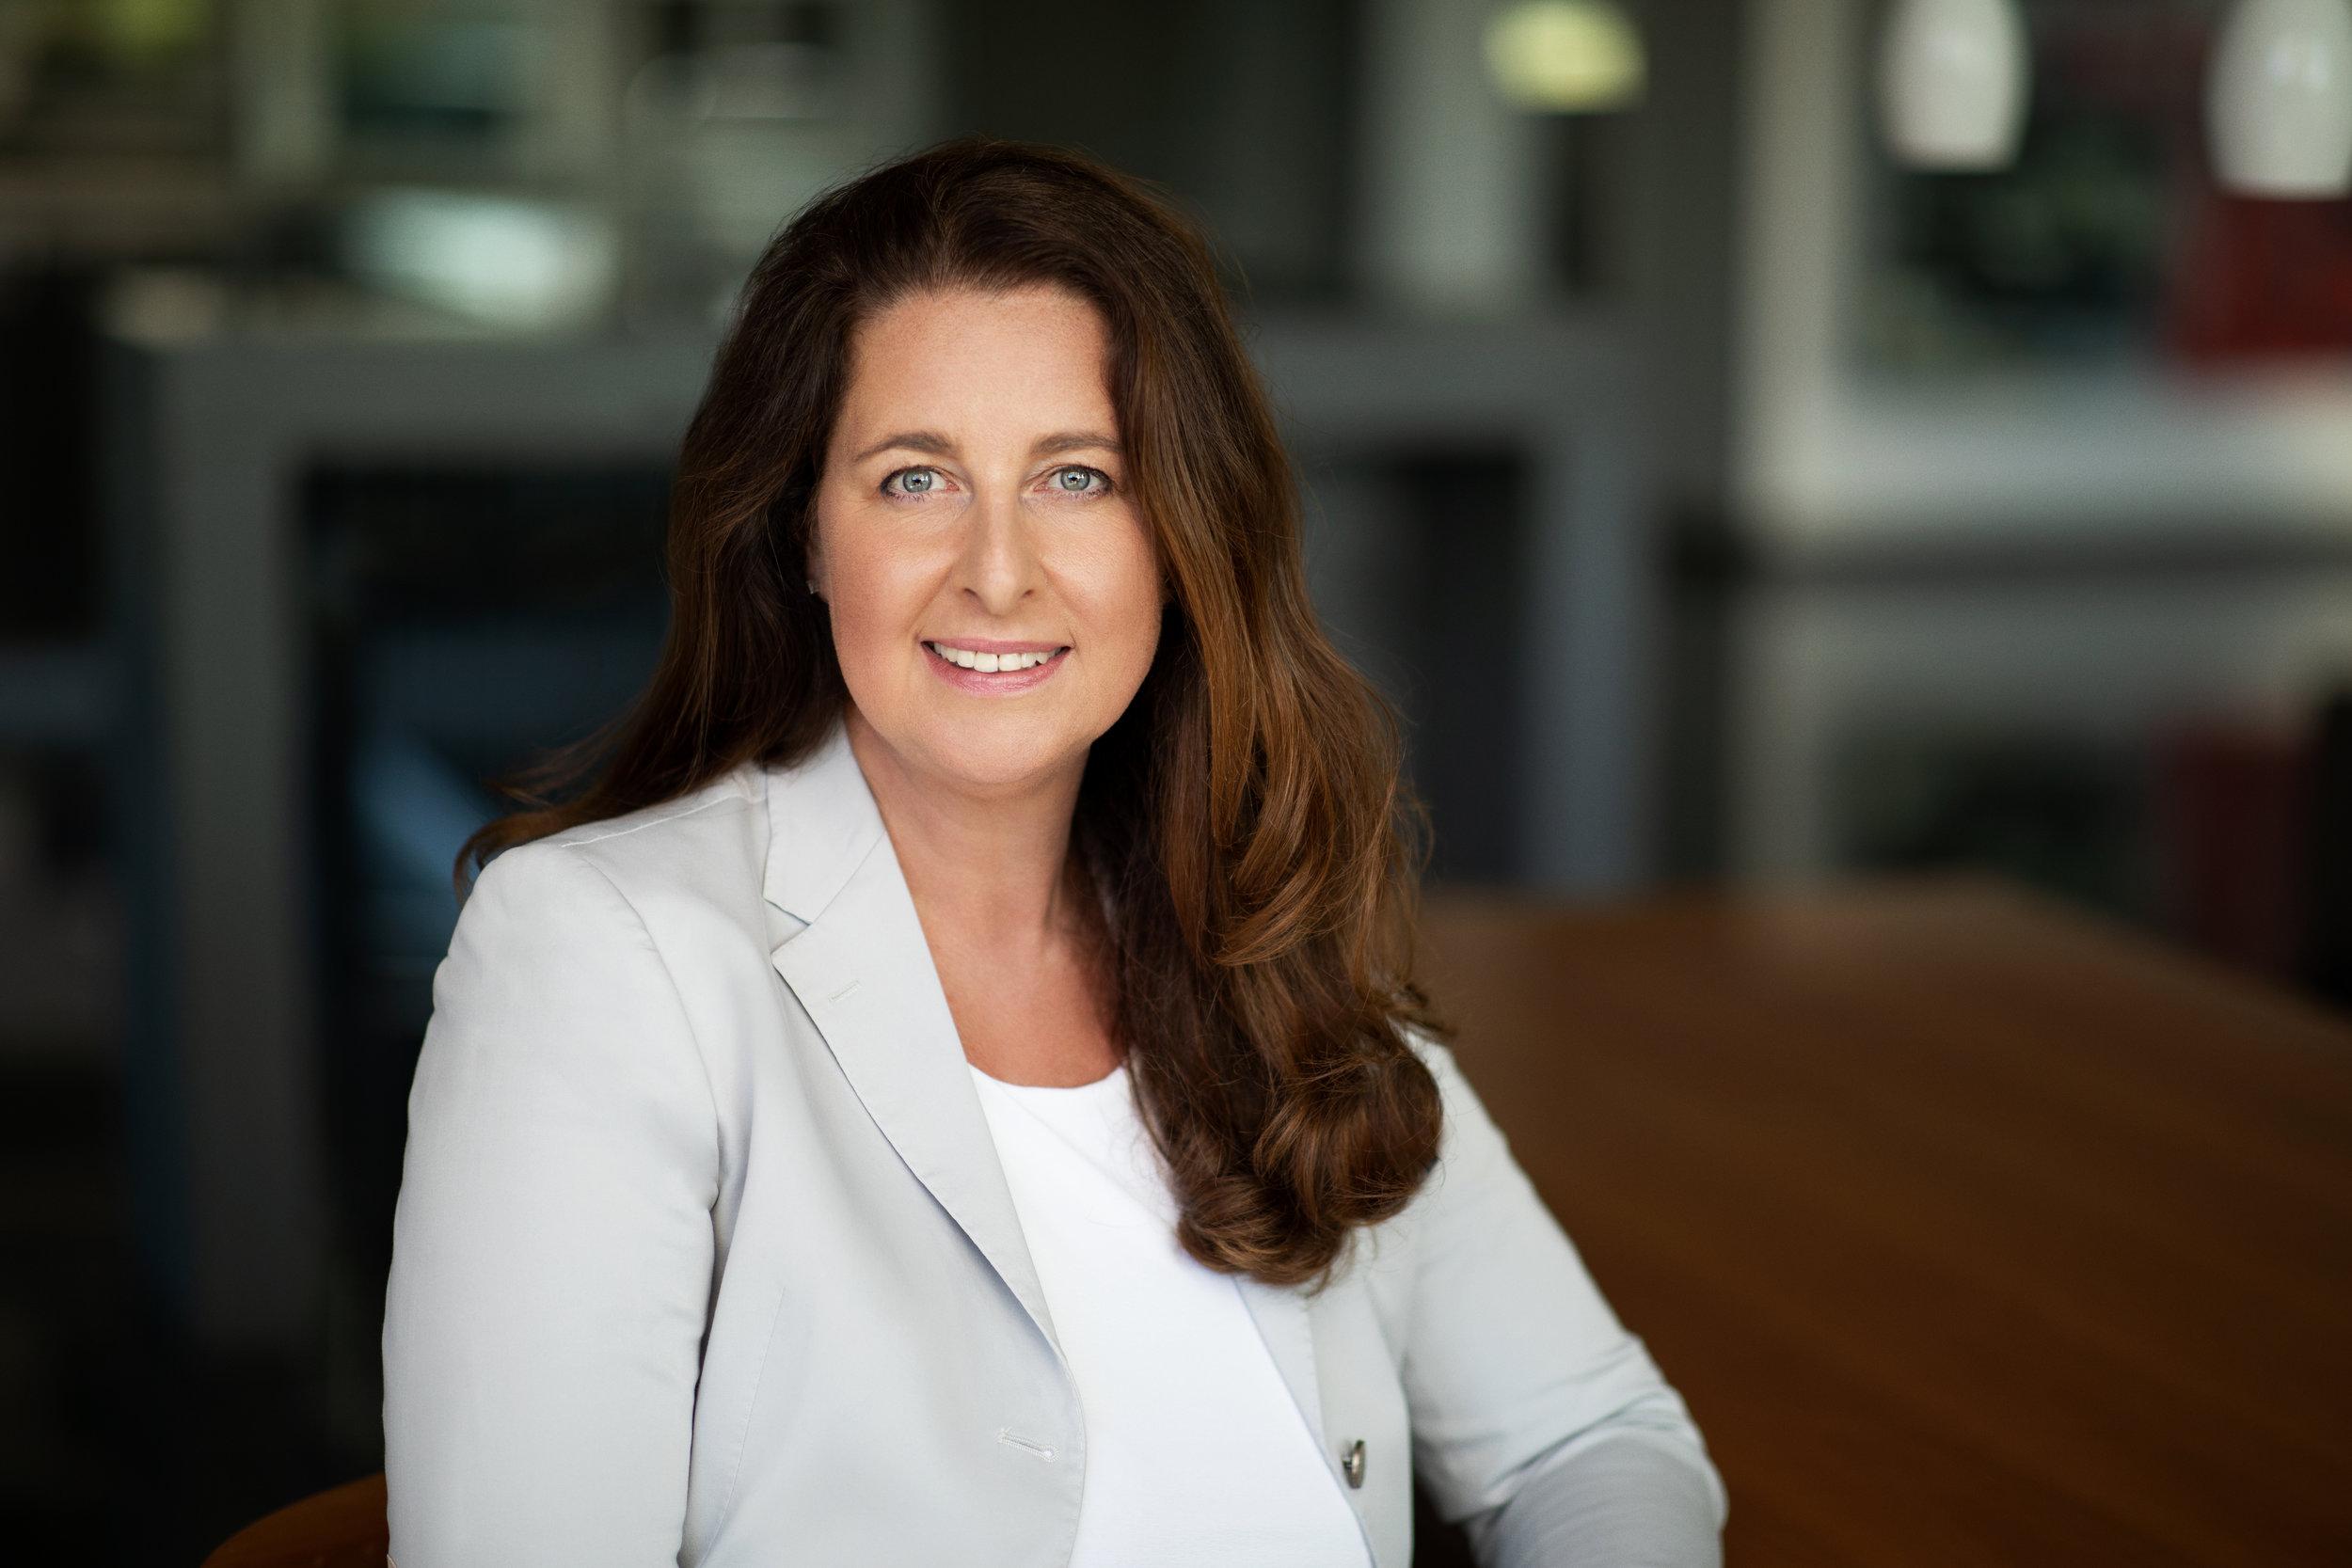 Brigitte Rewak Geschäftsleitung rewalux GmbH.jpg